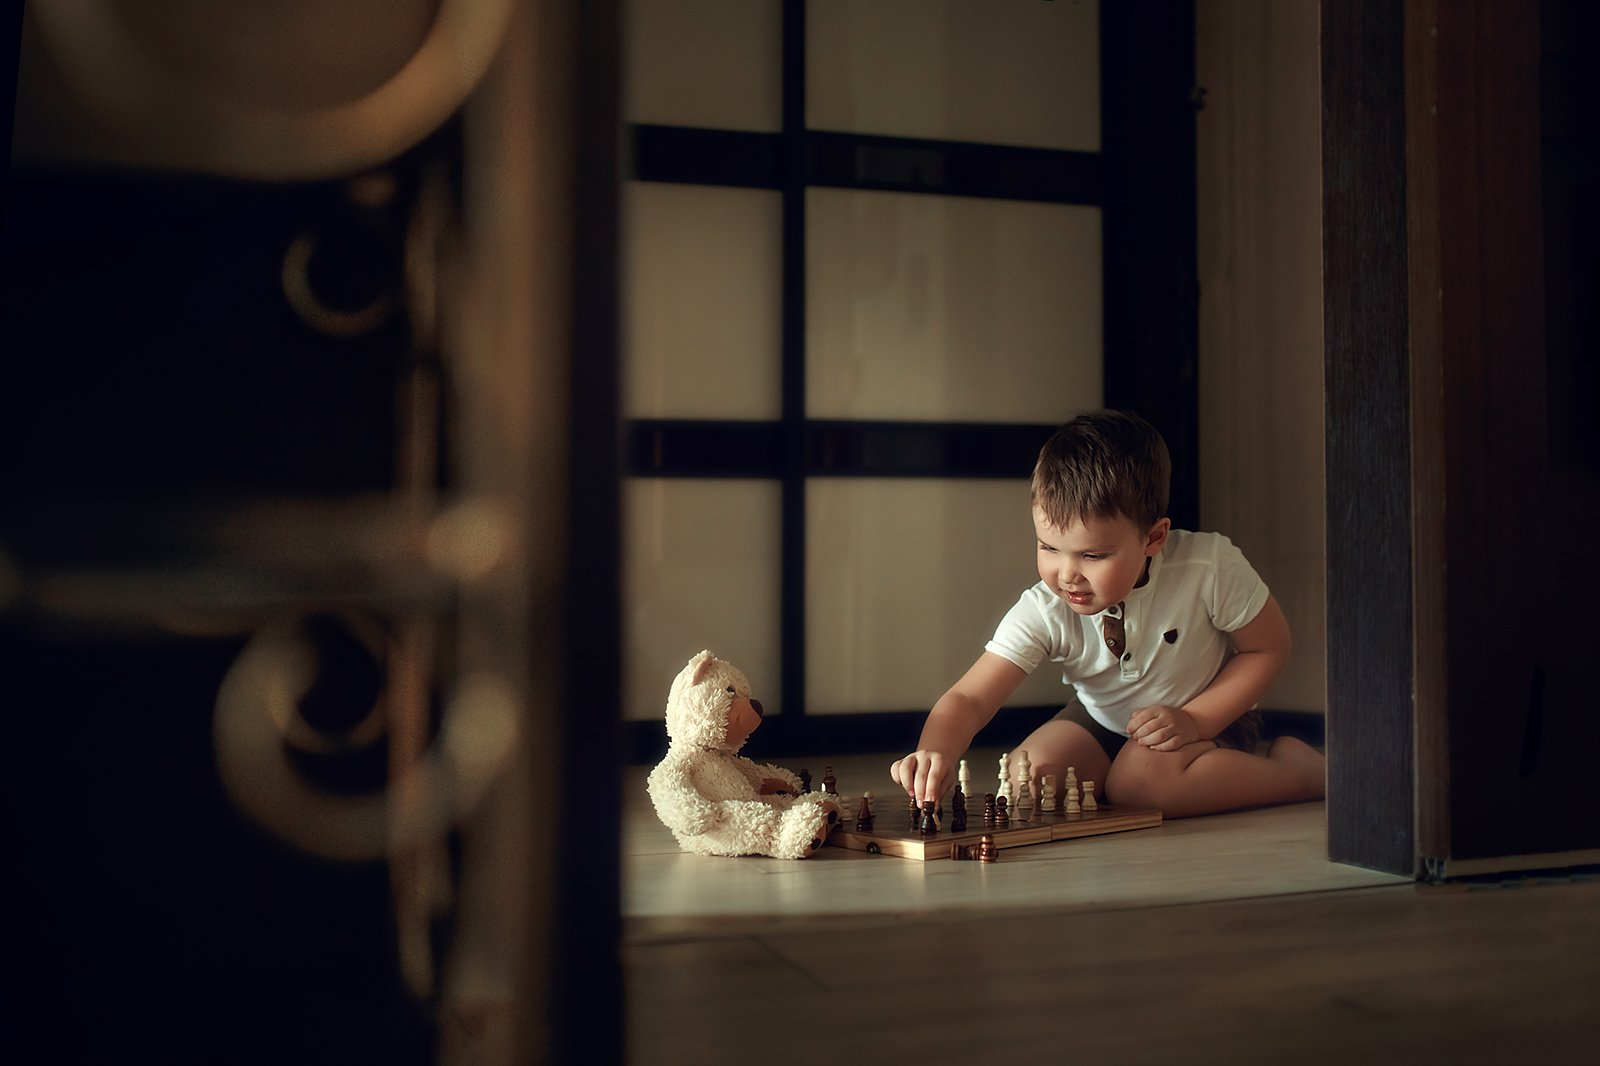 дети, портрет, семья, Ольга Балакир